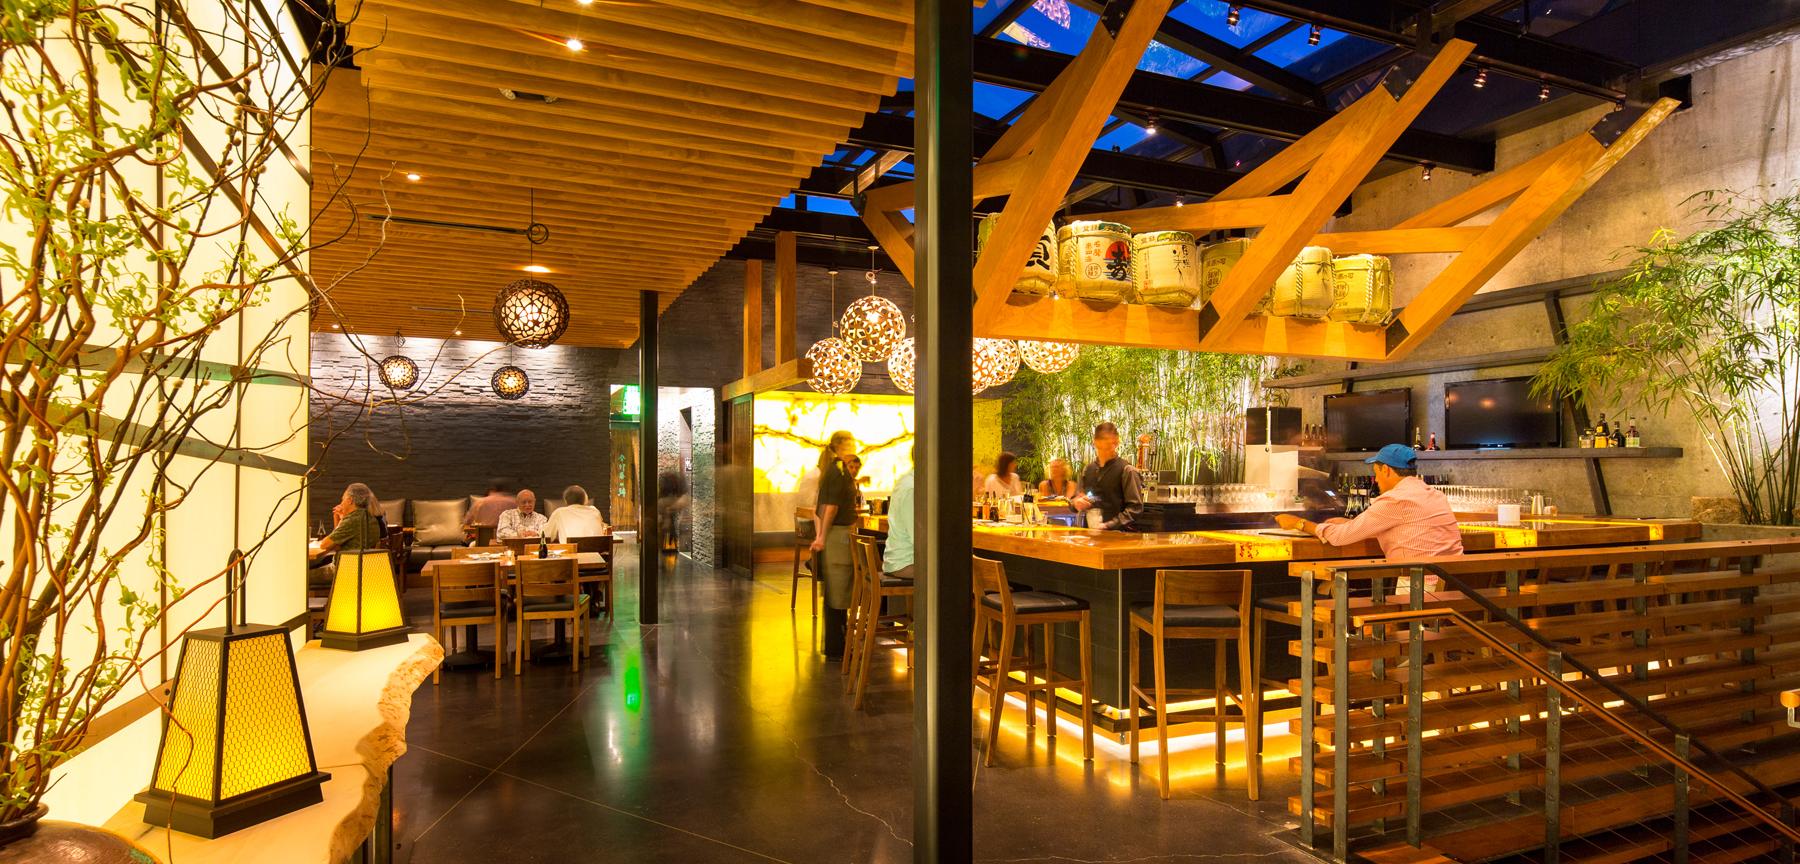 Izakaya Den dining and bar area